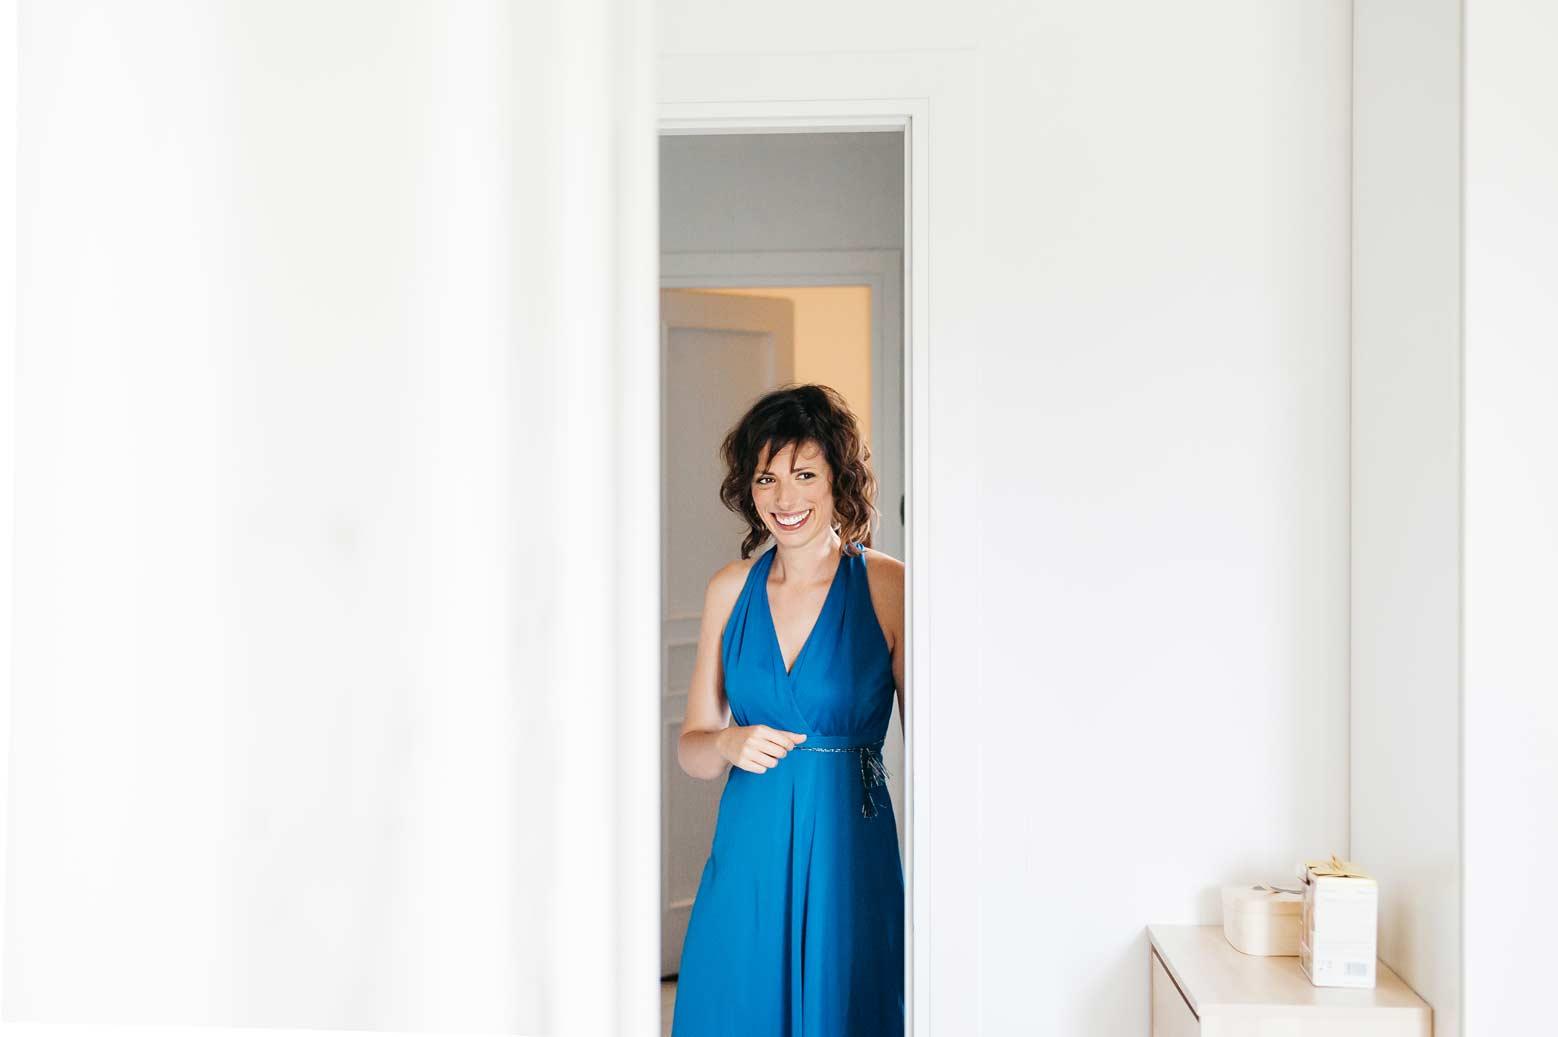 Fotografo-Di-Matrimonio-Roma-Reportage-Preparativi-Sposa